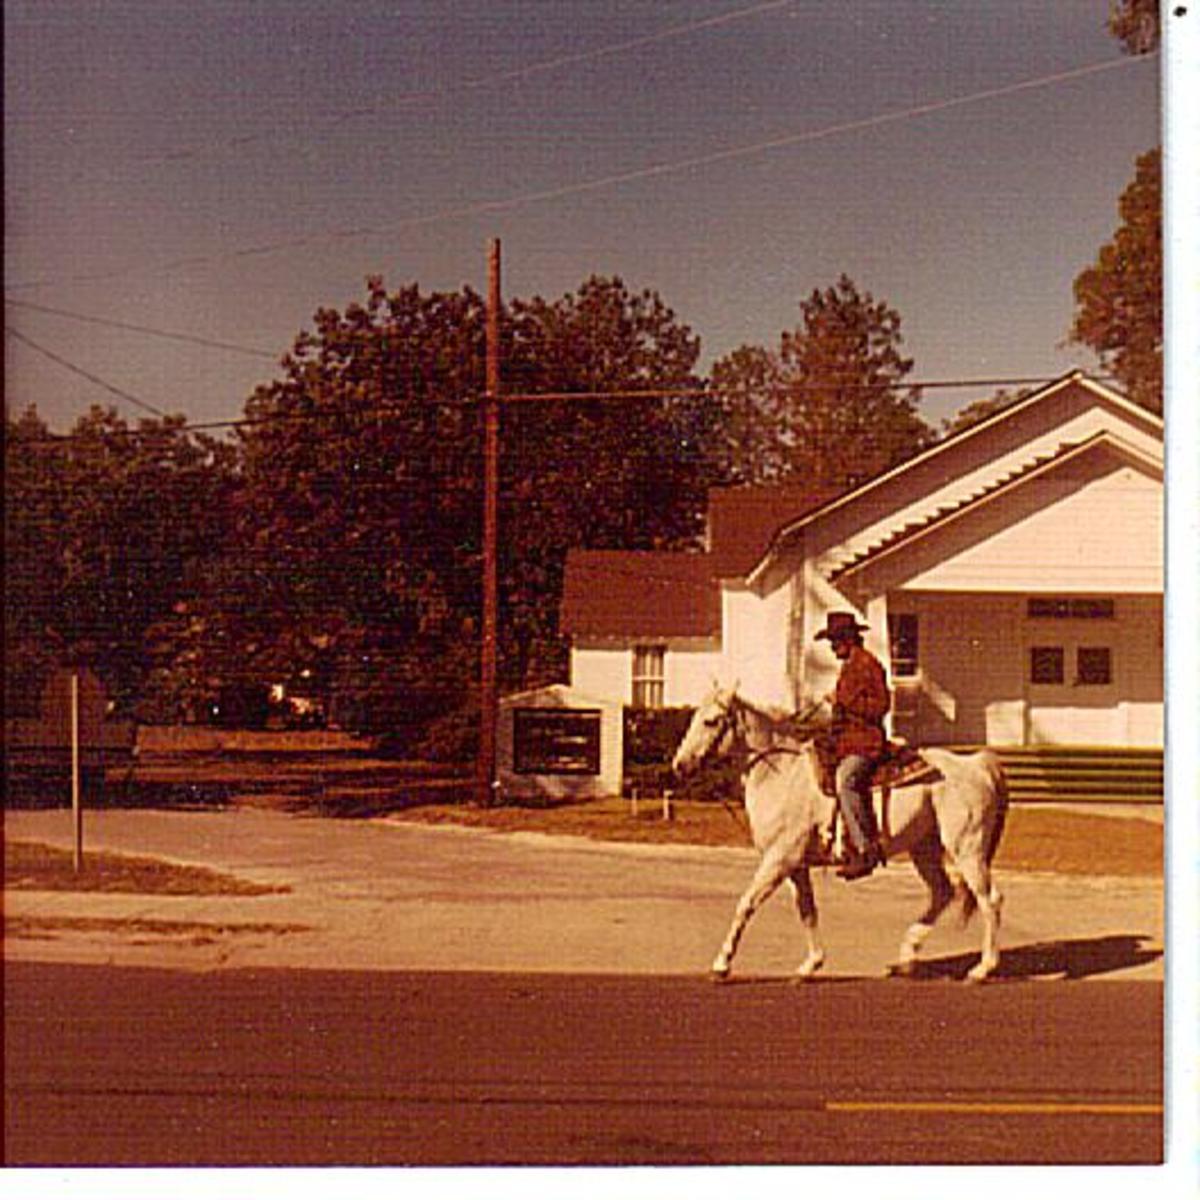 Enjoy these horseback riding tips!